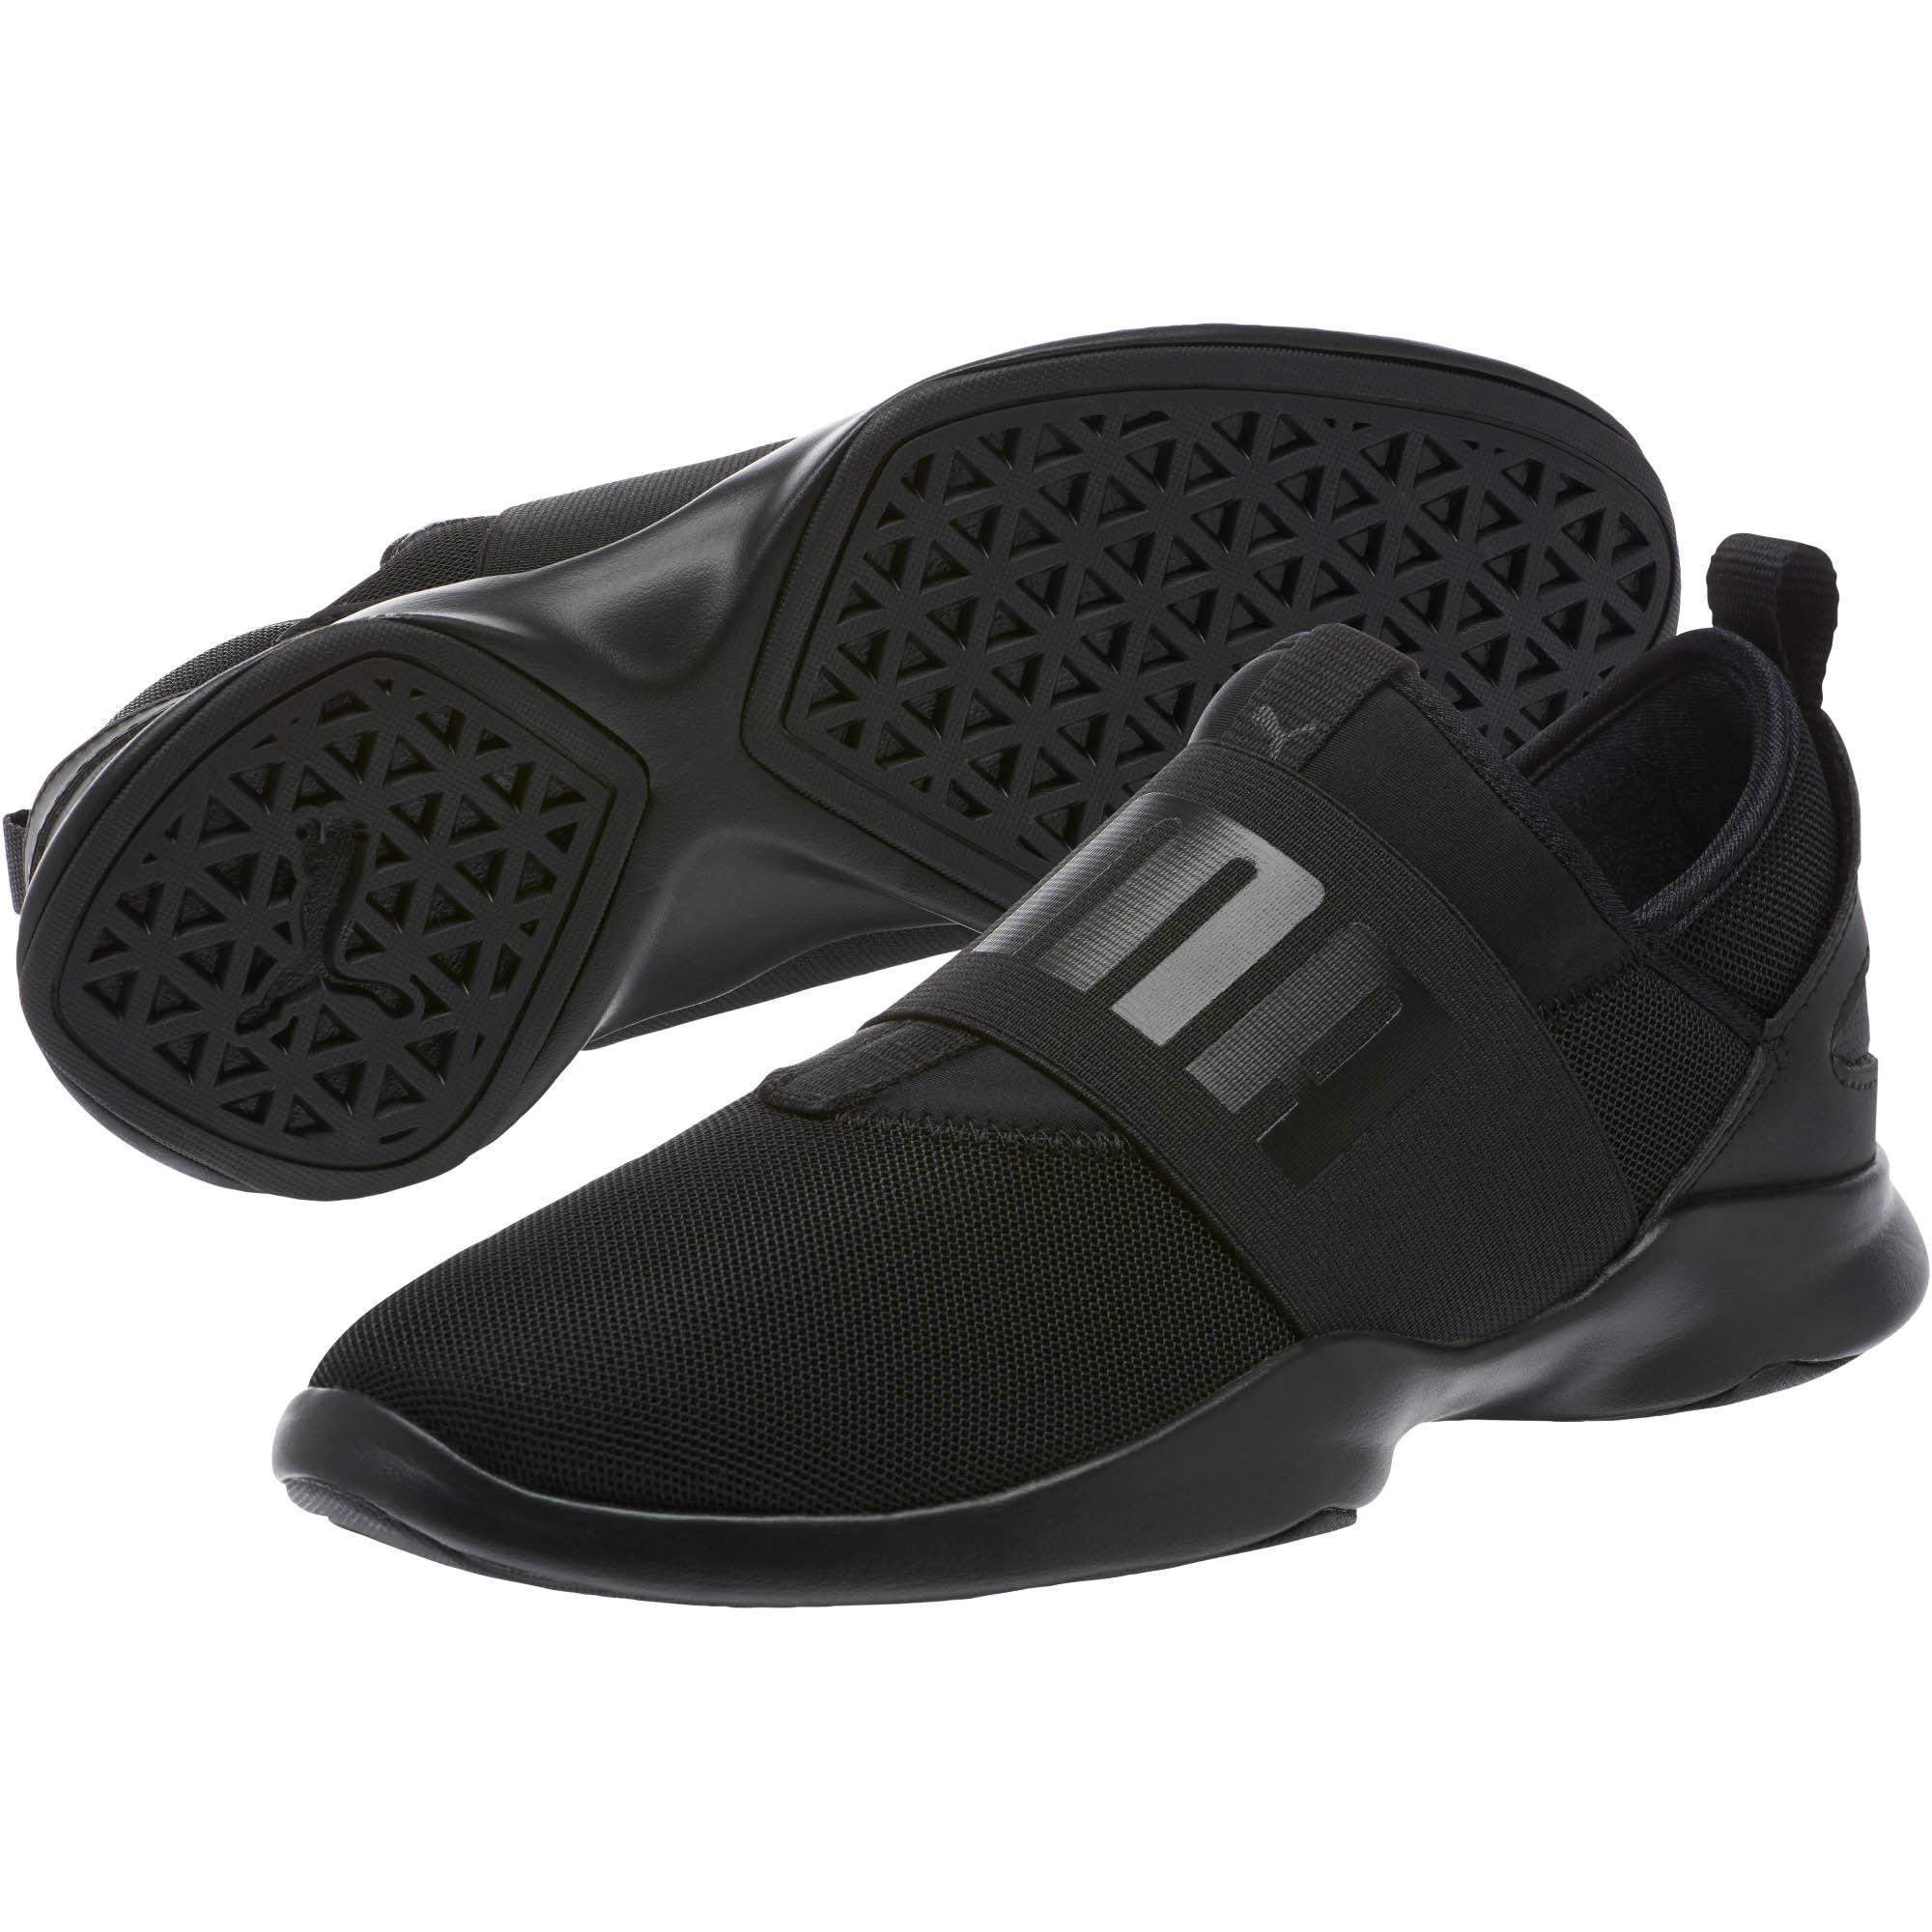 Lyst - PUMA Dare Women s Slip-on Sneakers in Black 4522512ea